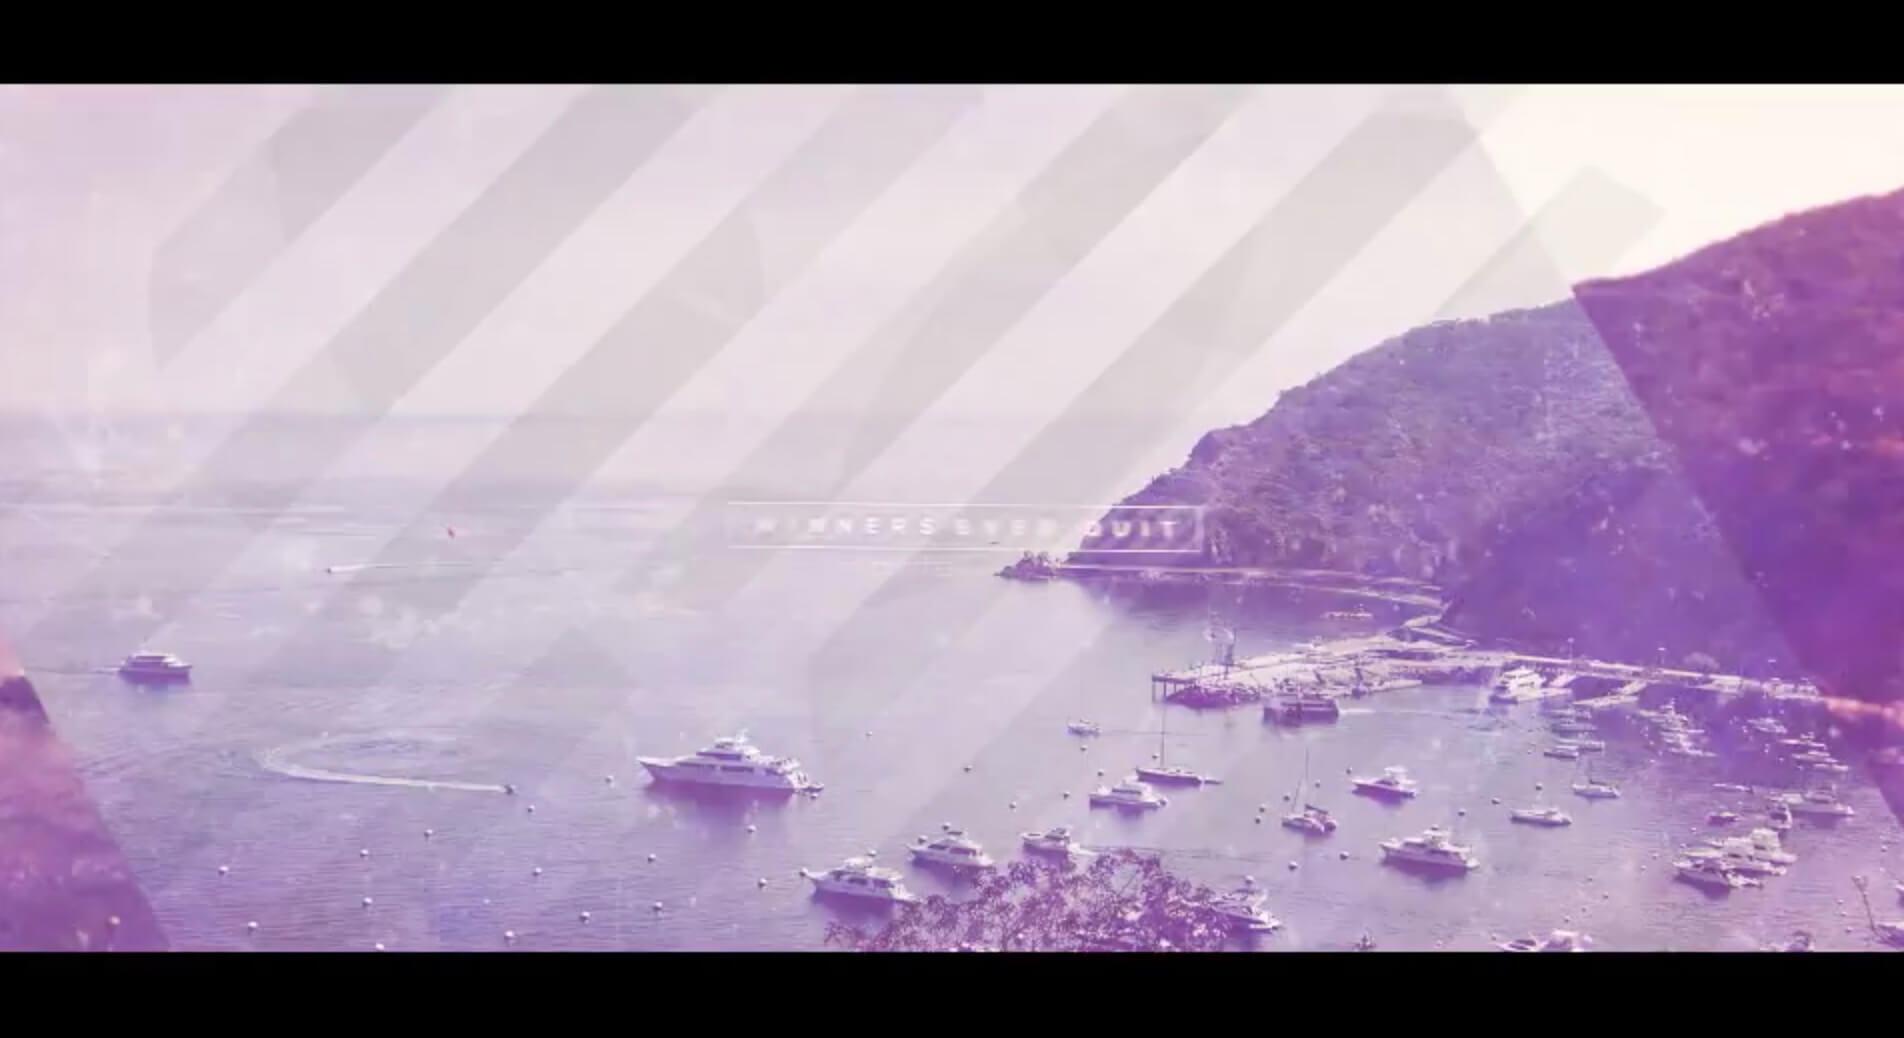 AE模板-神秘电影预告图片展示插图2